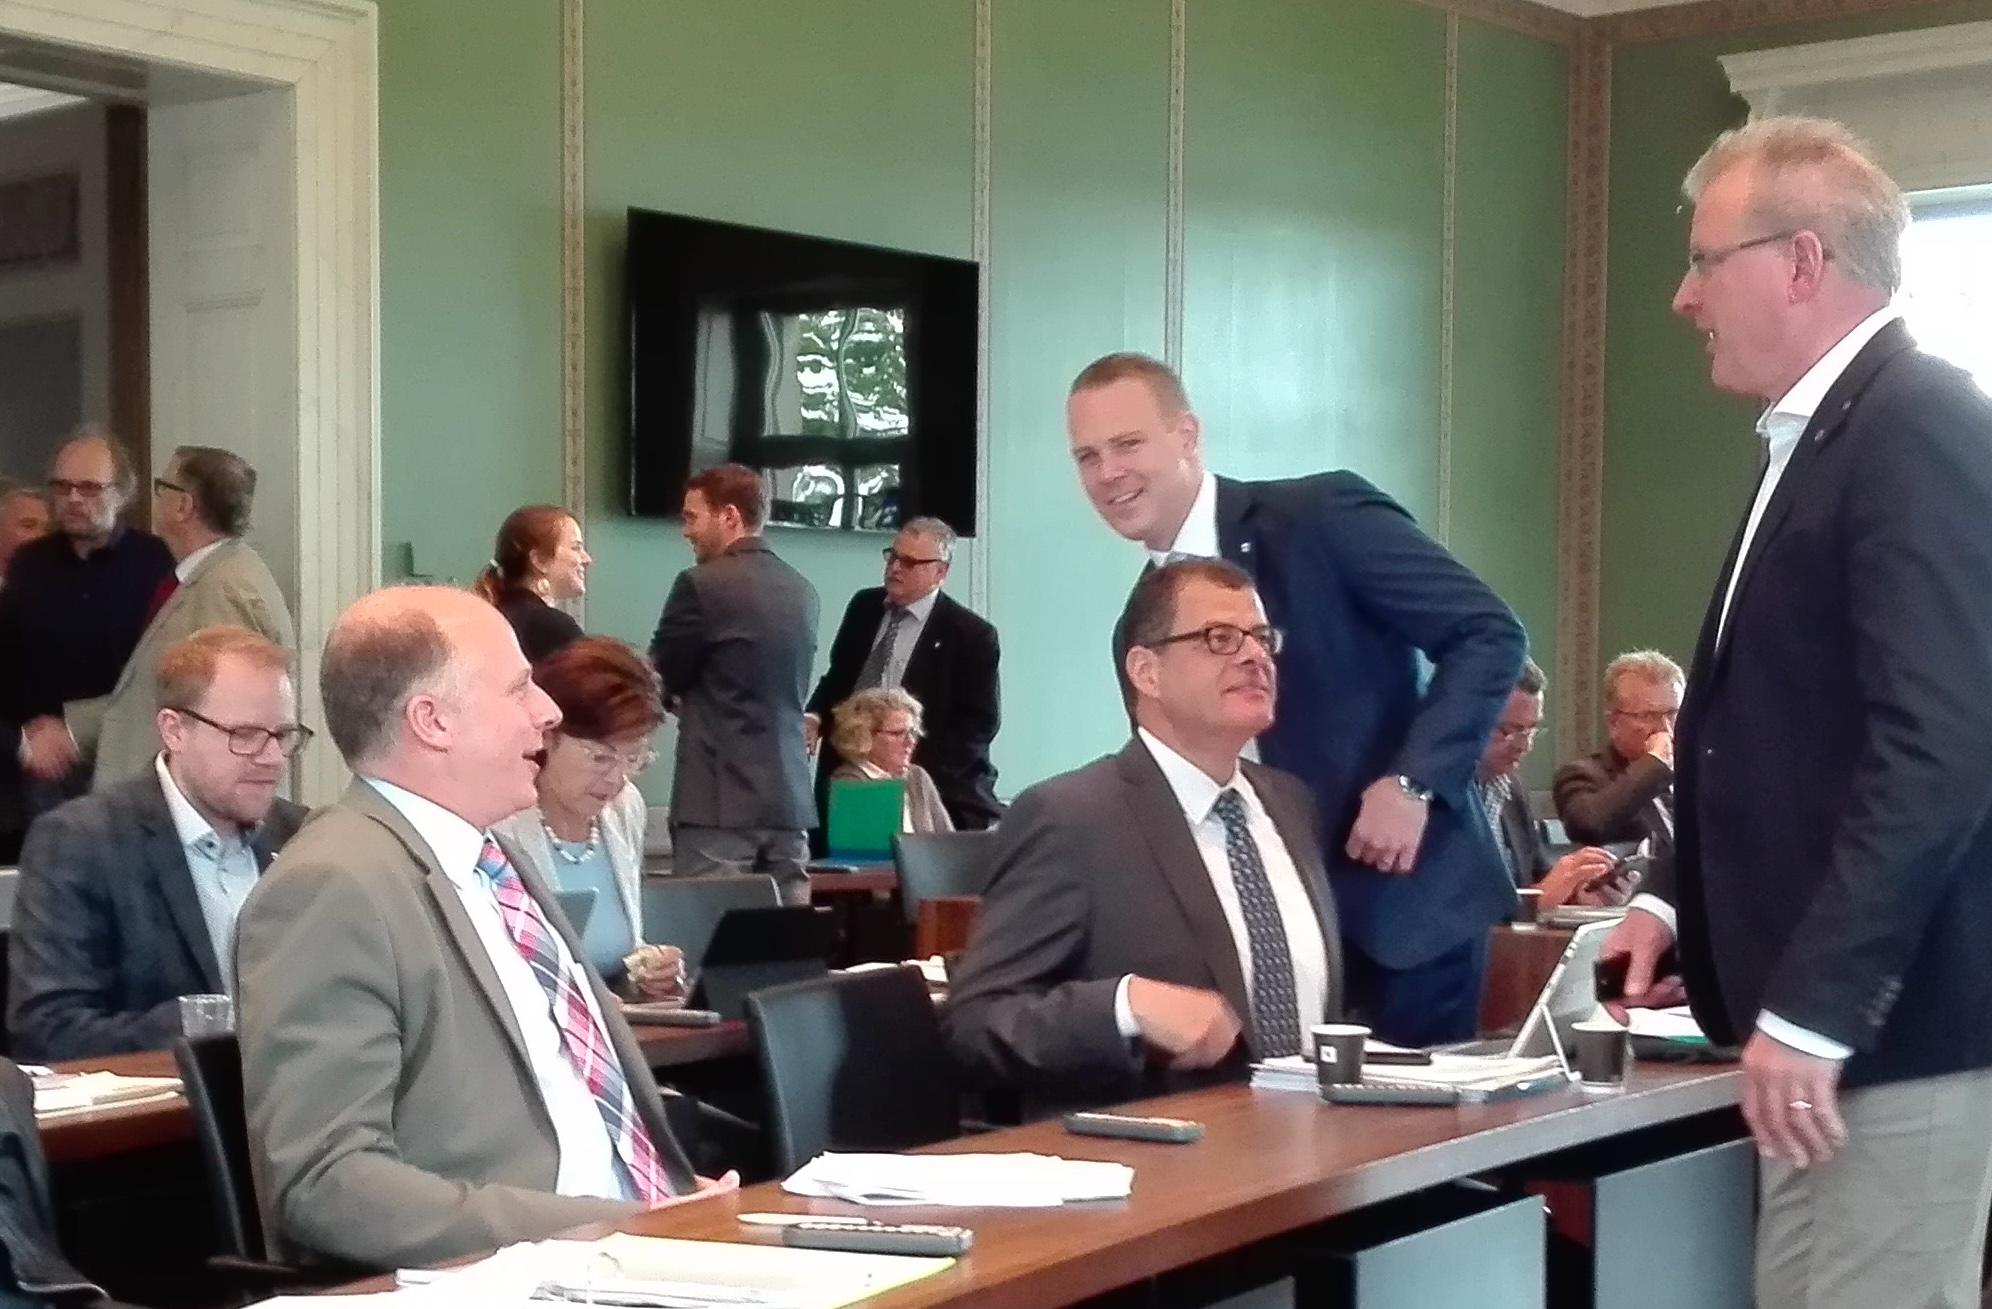 Pausengespräch: Peter Letter (FDP, sitzend links) und Beat Unternährer (FDP) plaudern mit Finanzdirektor Heinz Tännler (SVP). Marcel Peter (FDP, stehend) guckt in die Kamera.